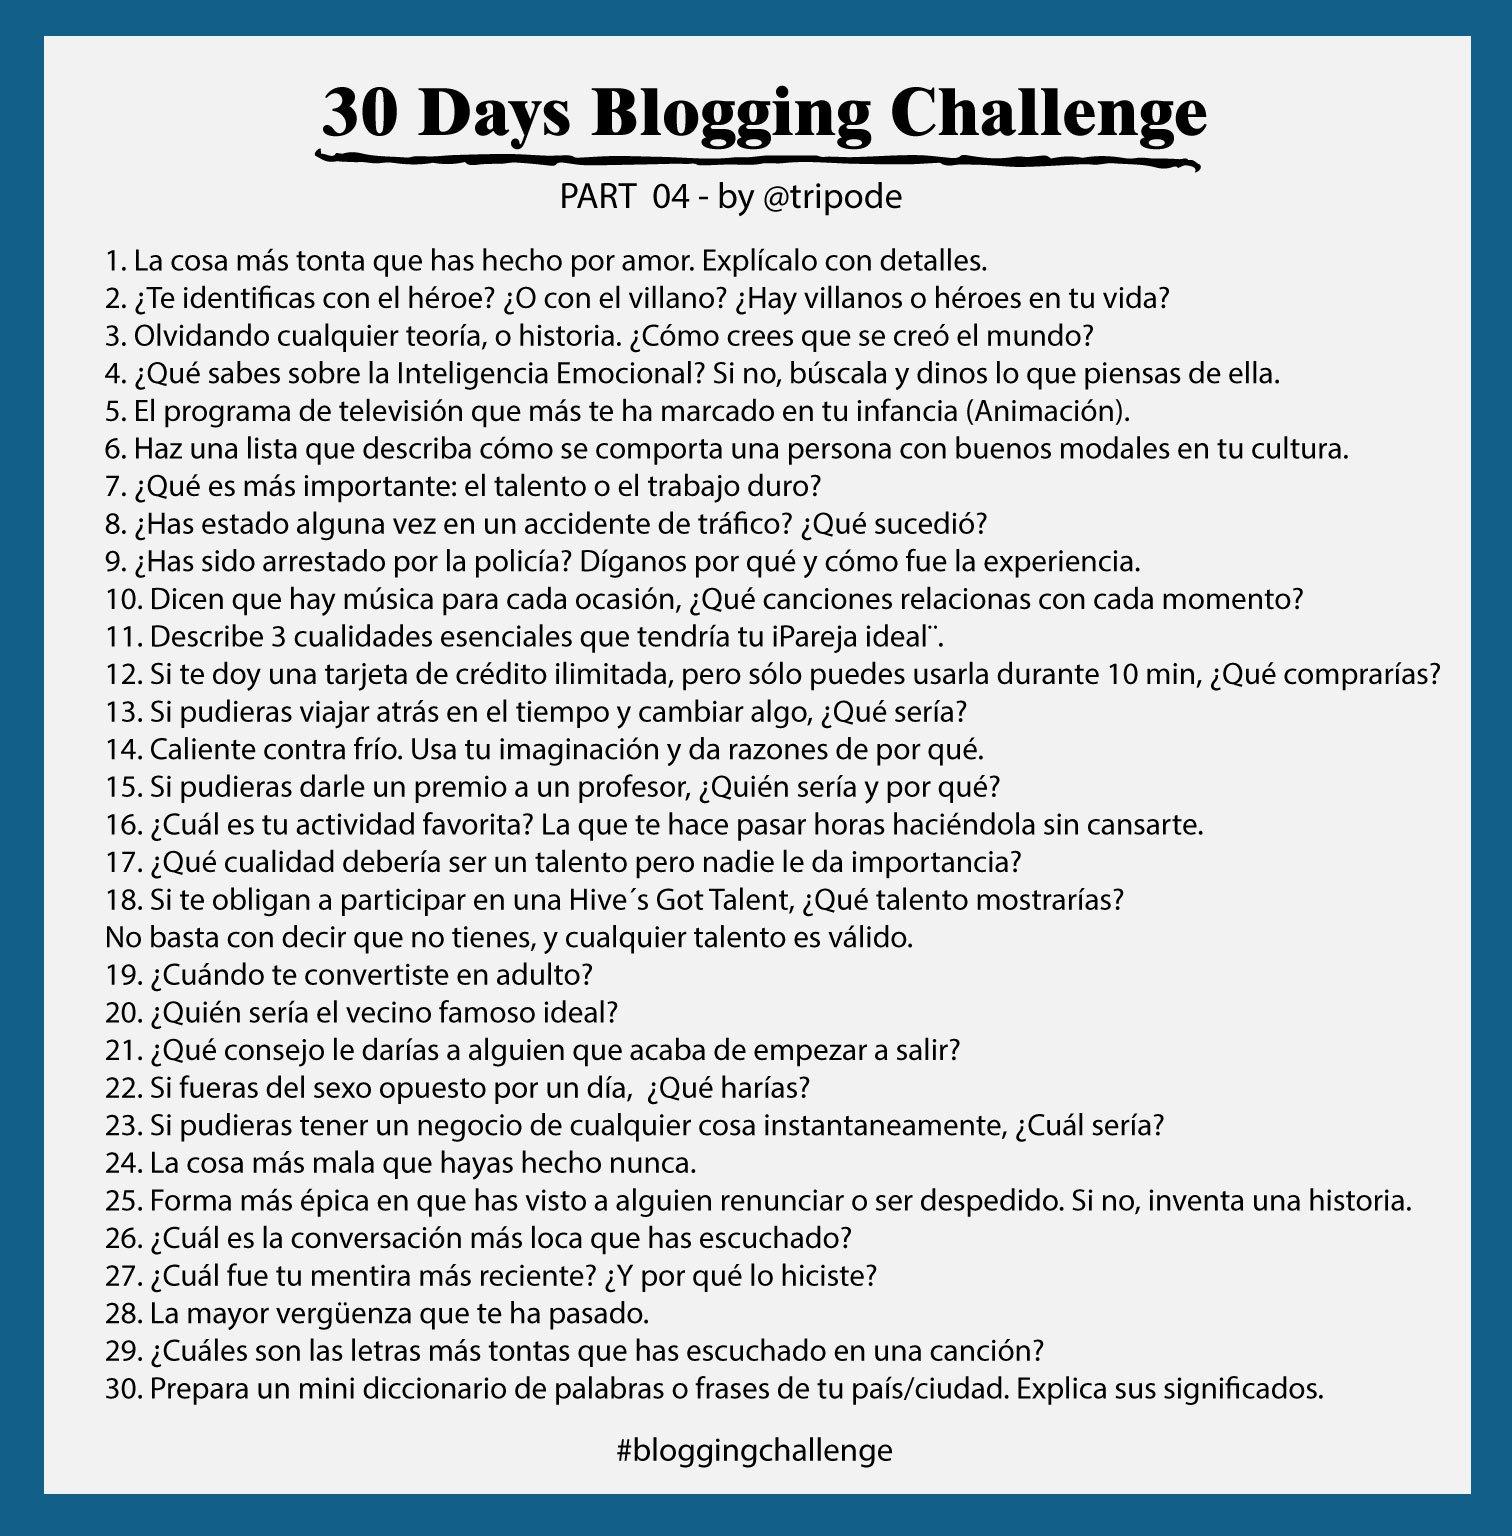 4to desafio español.jpg